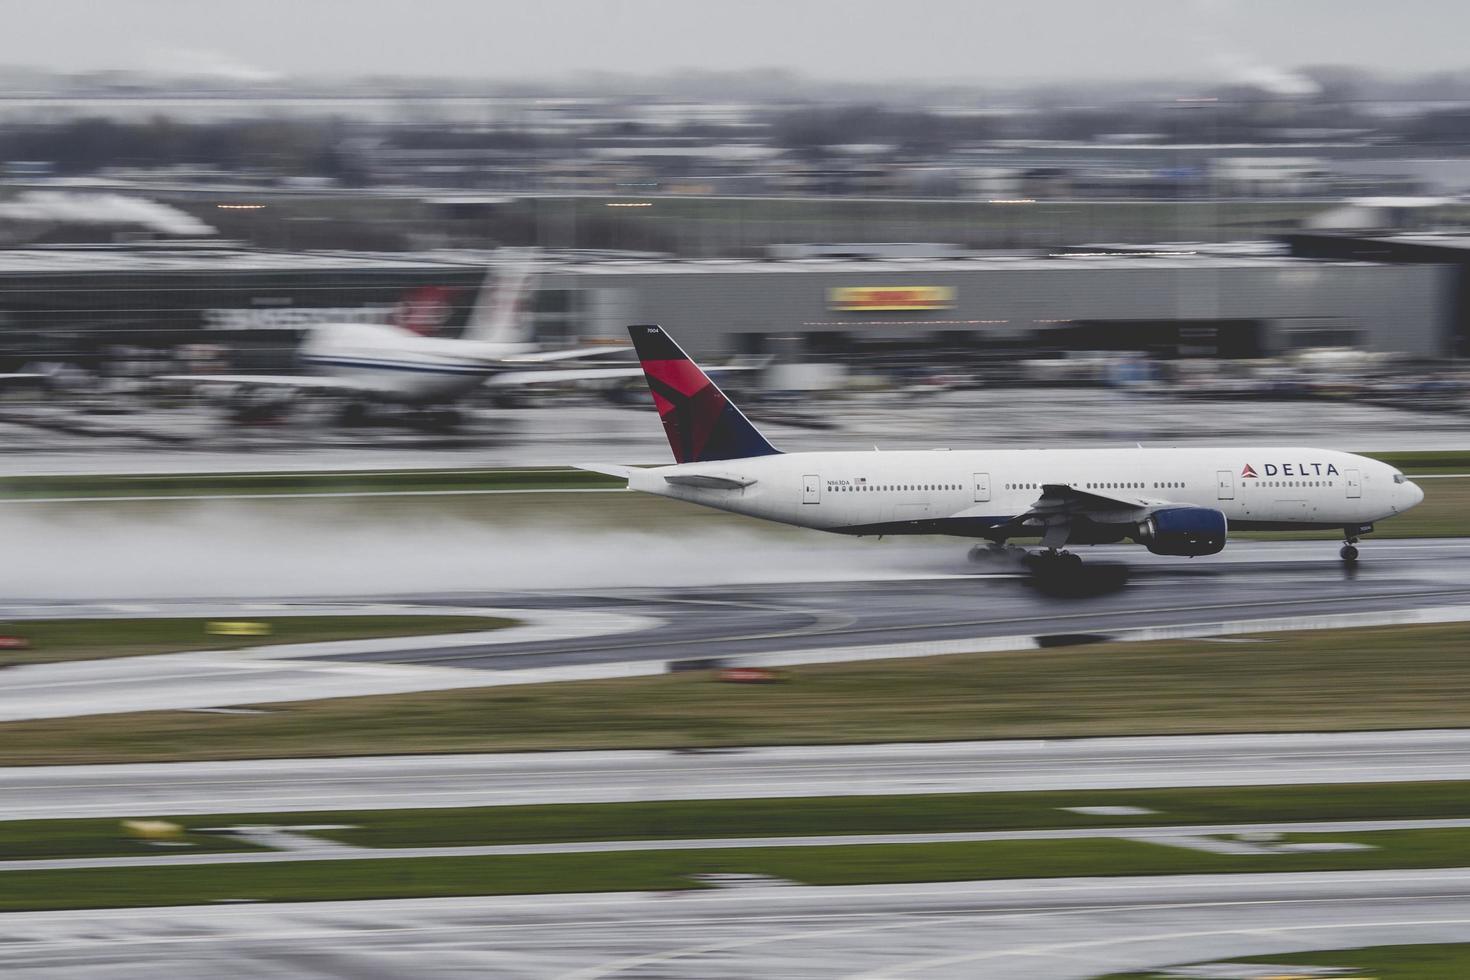 Pays-Bas, avion Delta 2013-atterrit à l'aéroport d'Amsterdam-Schiphol photo